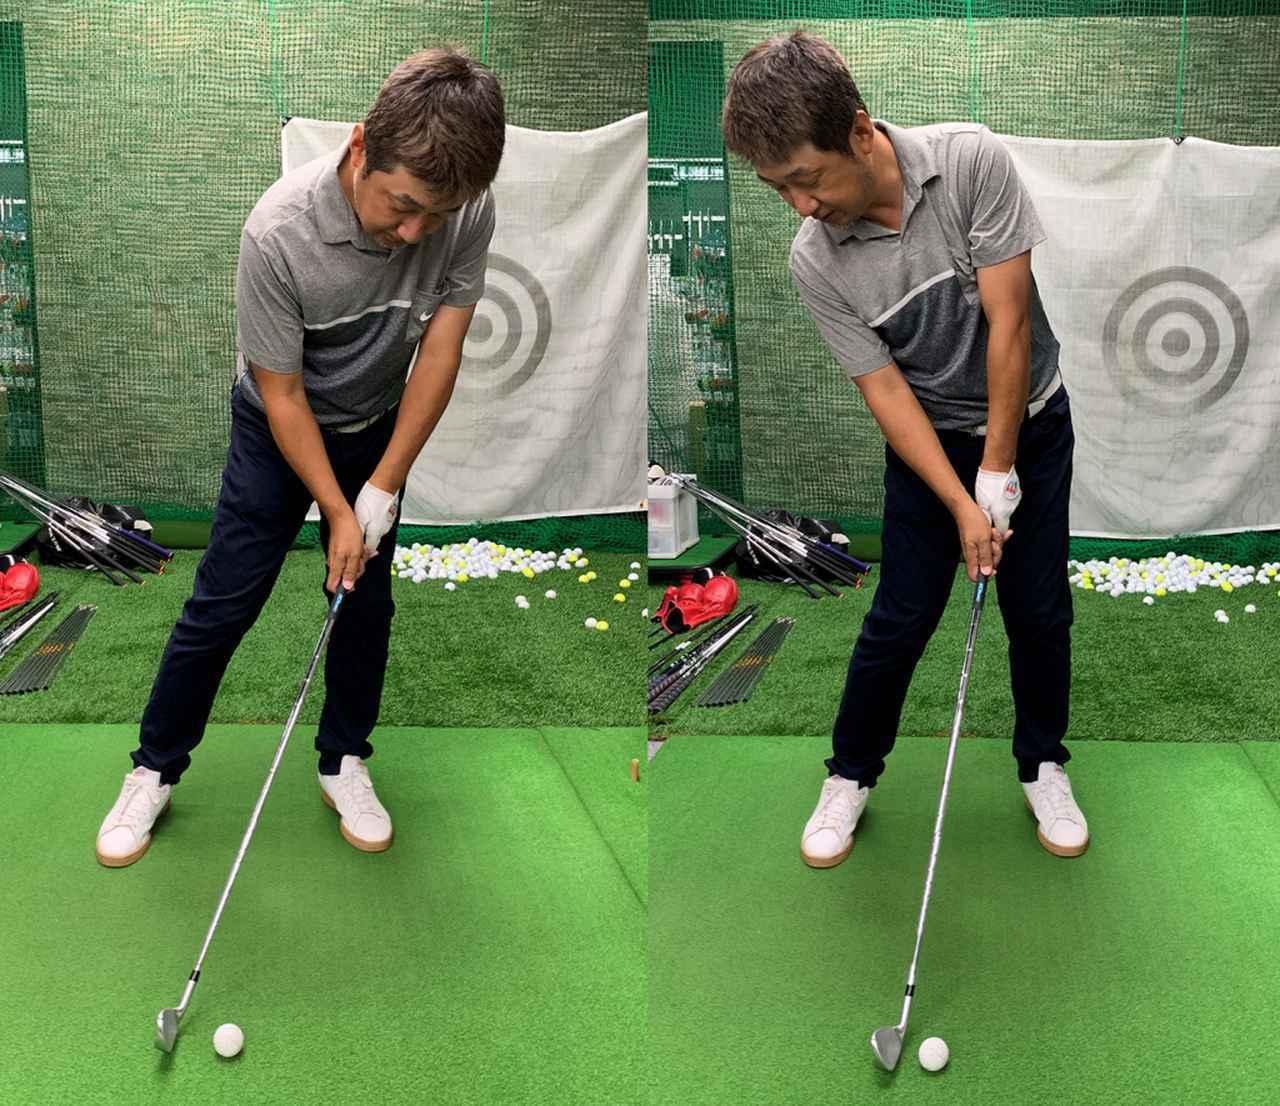 画像: アマチュアはどうしてもボールを打ちに行ってしまうので、左の写真のように上体が突っ込みがち。右写真のようにビハインド・ザ・ボールでインパクトしたい